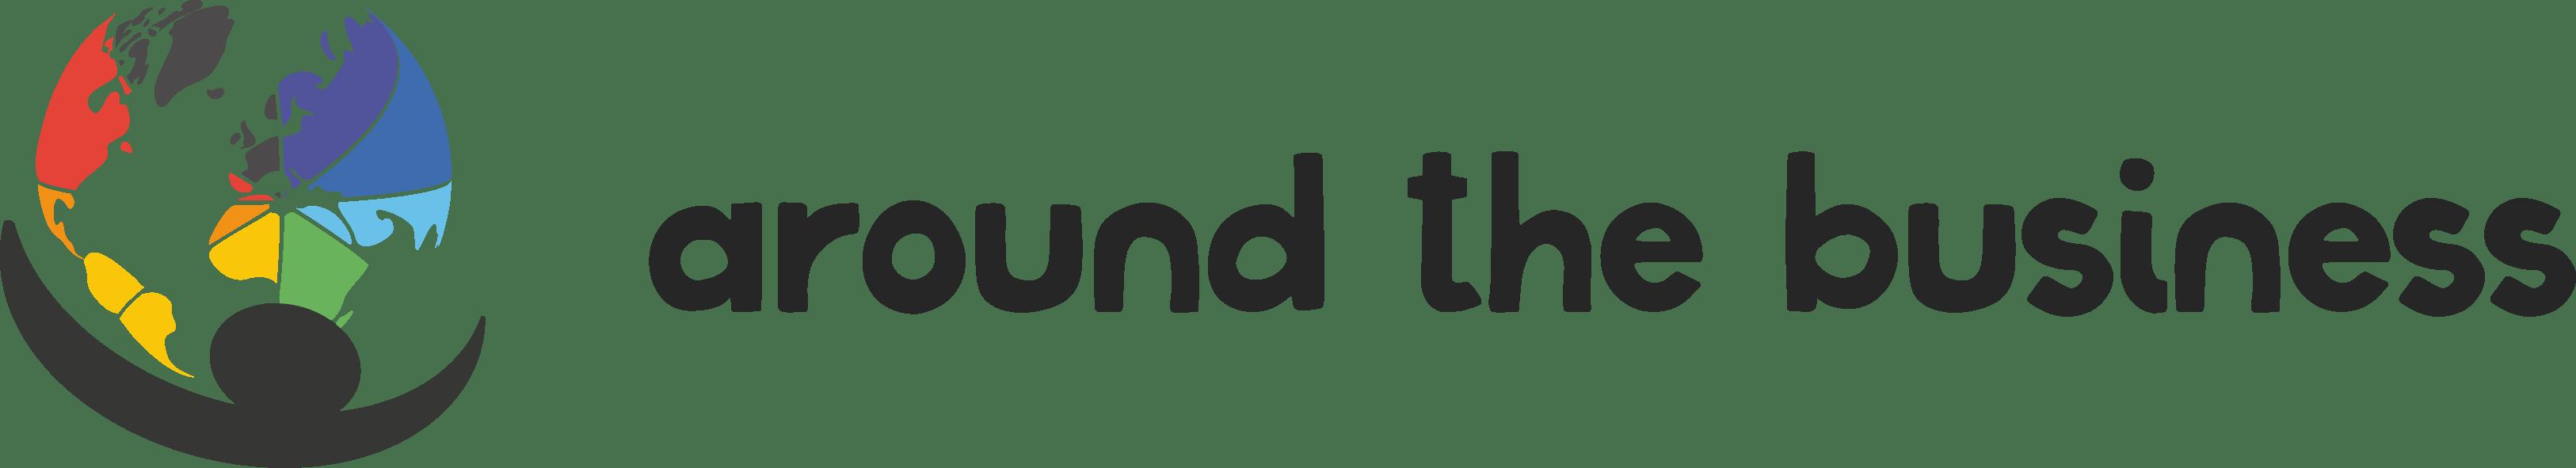 http://aroundthebusiness.com